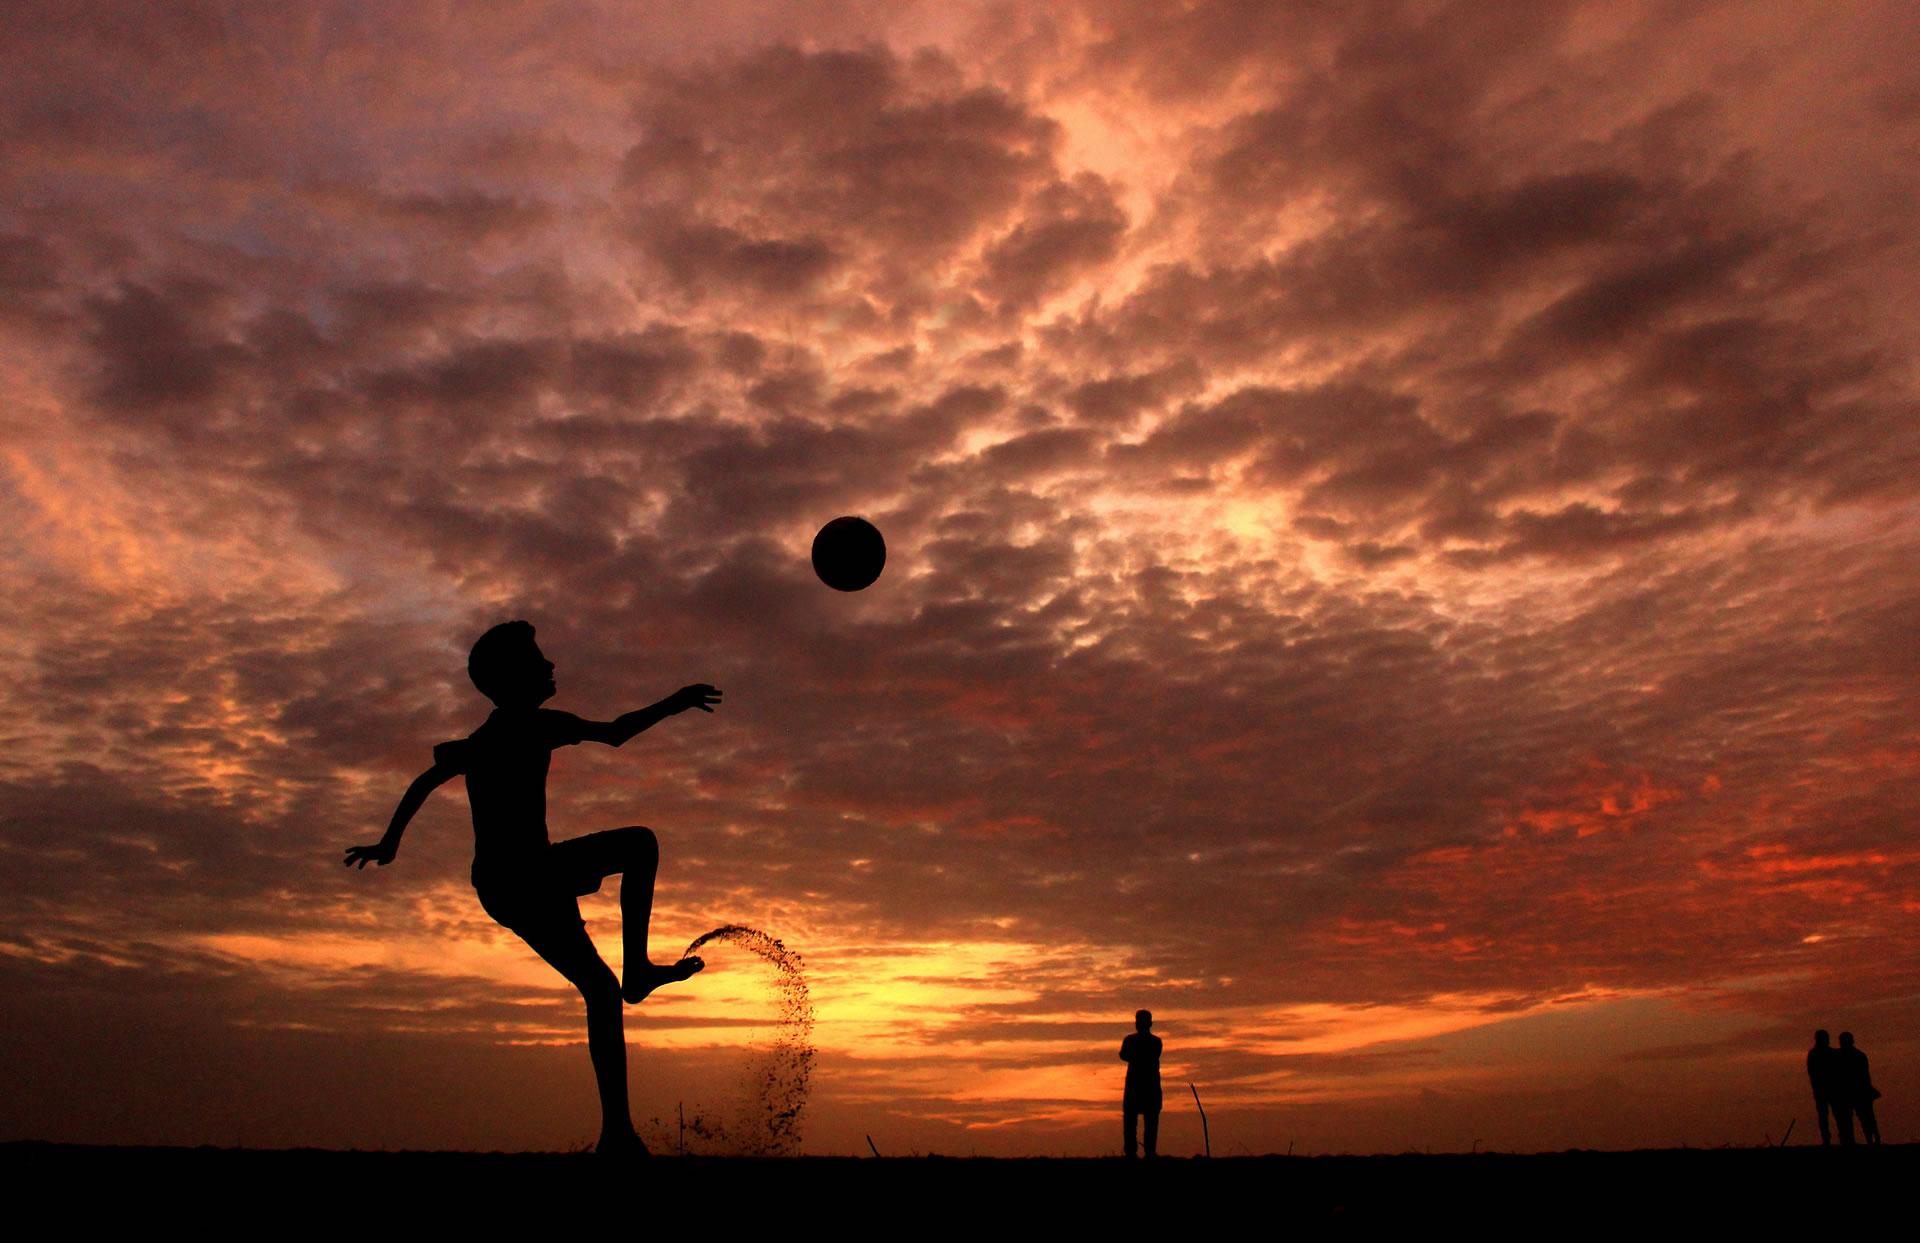 download wallpaper: voetballen aan het strand wallpaper